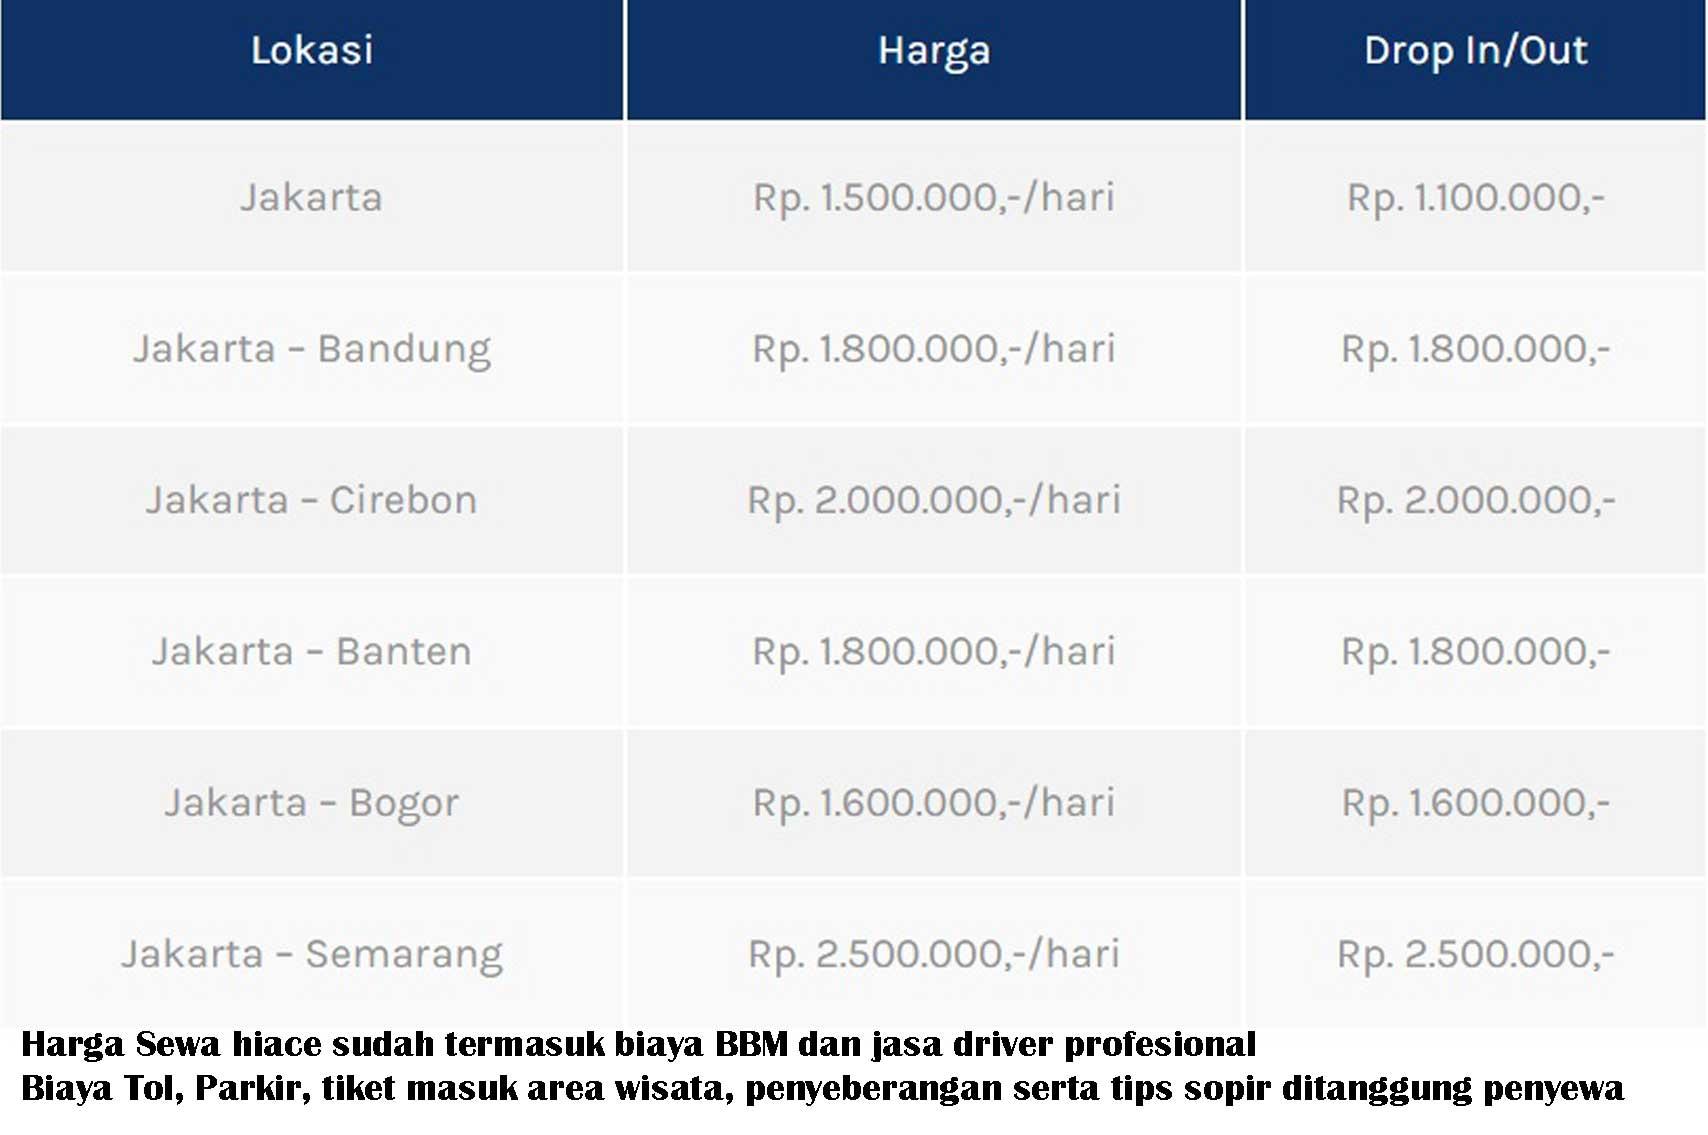 daftar harga sewa hiace Jakarta terkini